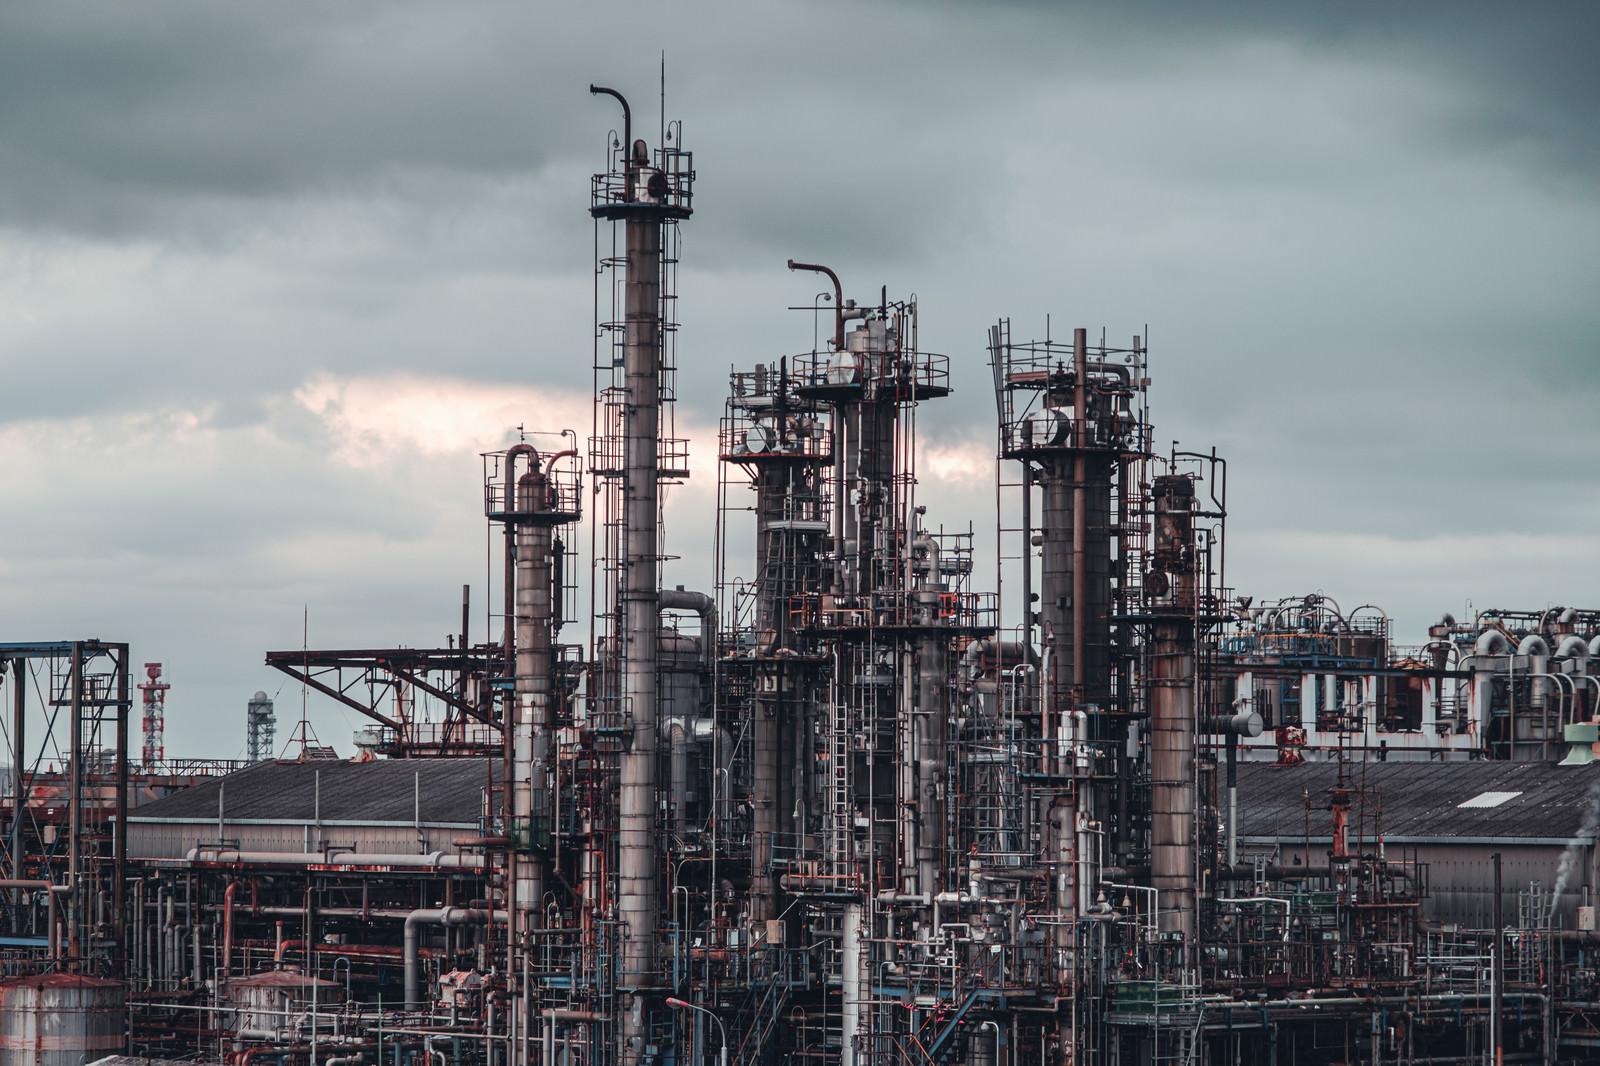 「曇り空に並ぶ工場の煙突」の写真